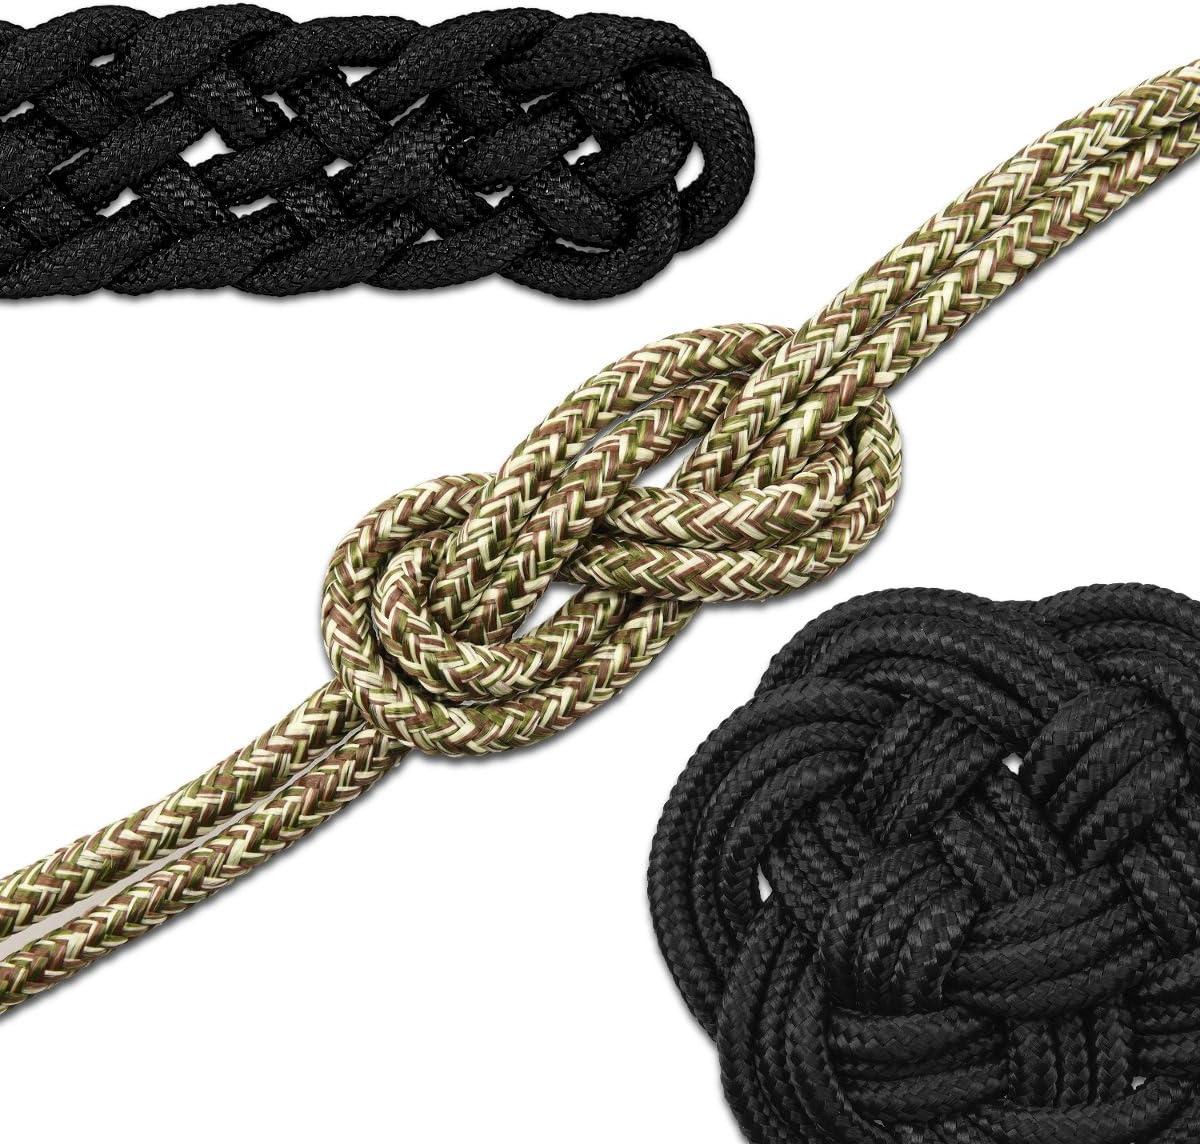 Navaris Cuerda Multiusos de Supervivencia - Cordón Negro de Camuflaje para Pescar Hacer Senderismo Acampar de 15M 9MM - No Apto para Escalar